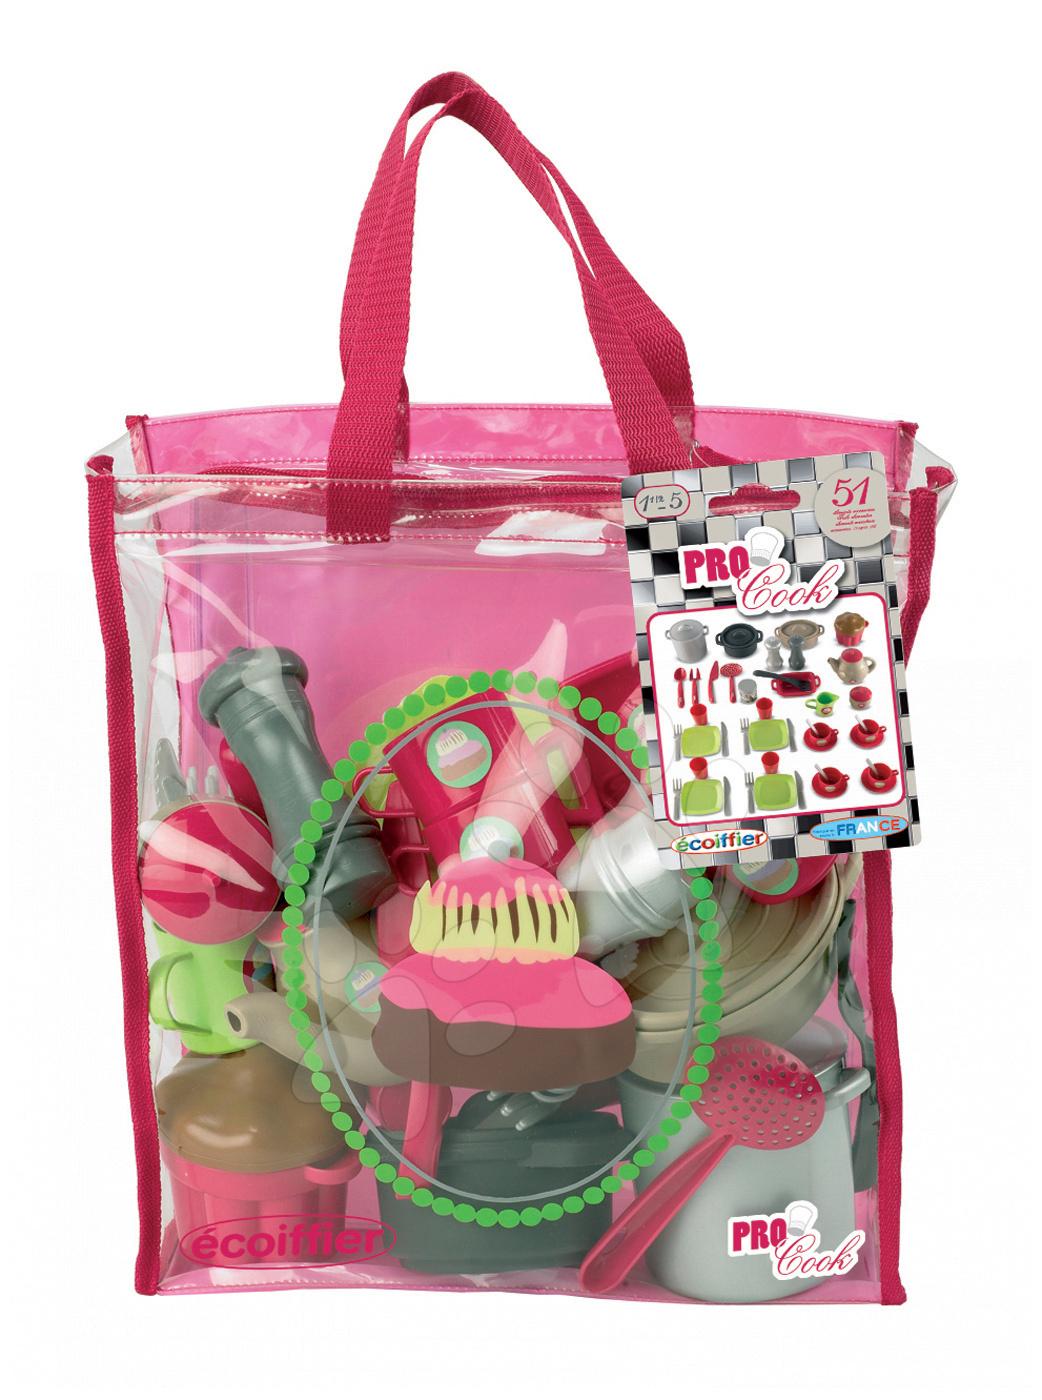 Set de veselă Pro Cook Écoiffier în geantă cu 51 de accesorii de la 18 luni